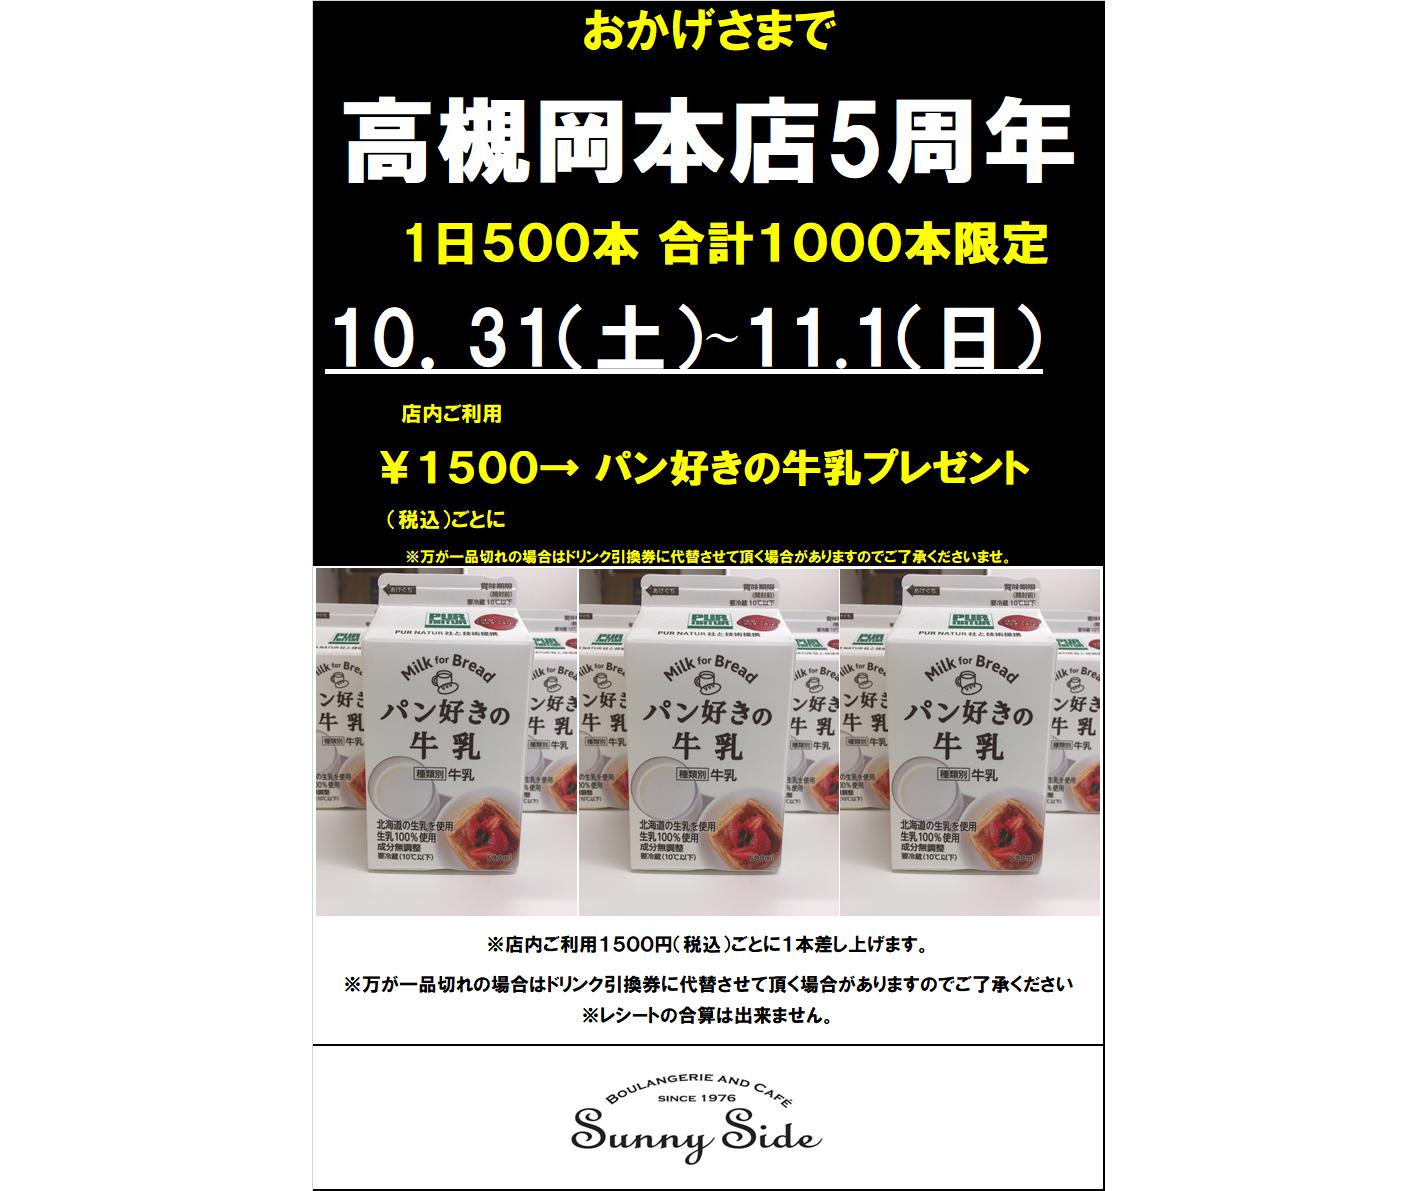 おかげさまで高槻岡本店5周年!